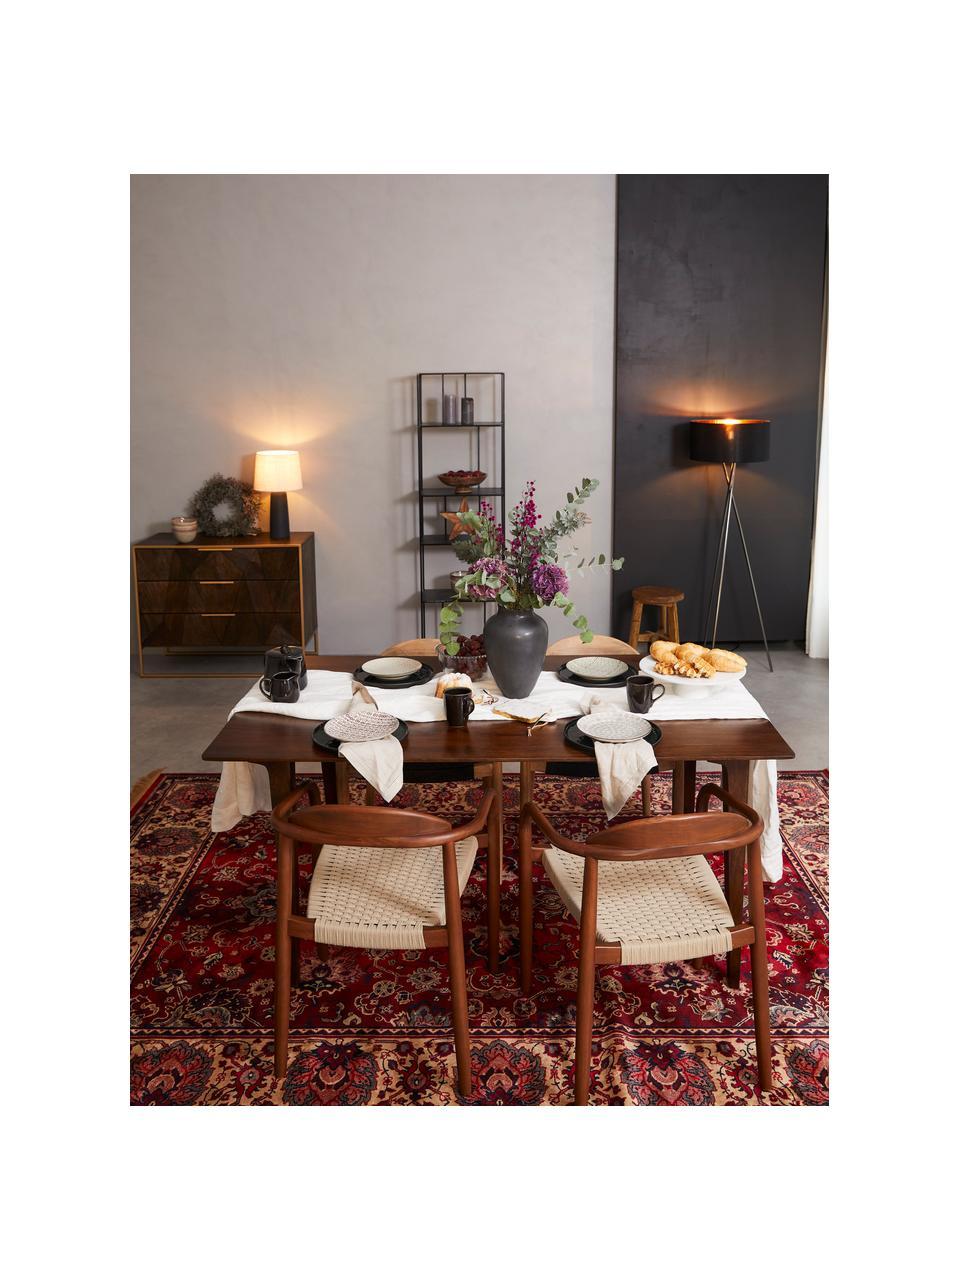 Eettafel Archie met massief houten blad, 160 x 90 cm, Gelakt massief mangohout, Mangohout, donker gelakt, B 160 x D 90 cm